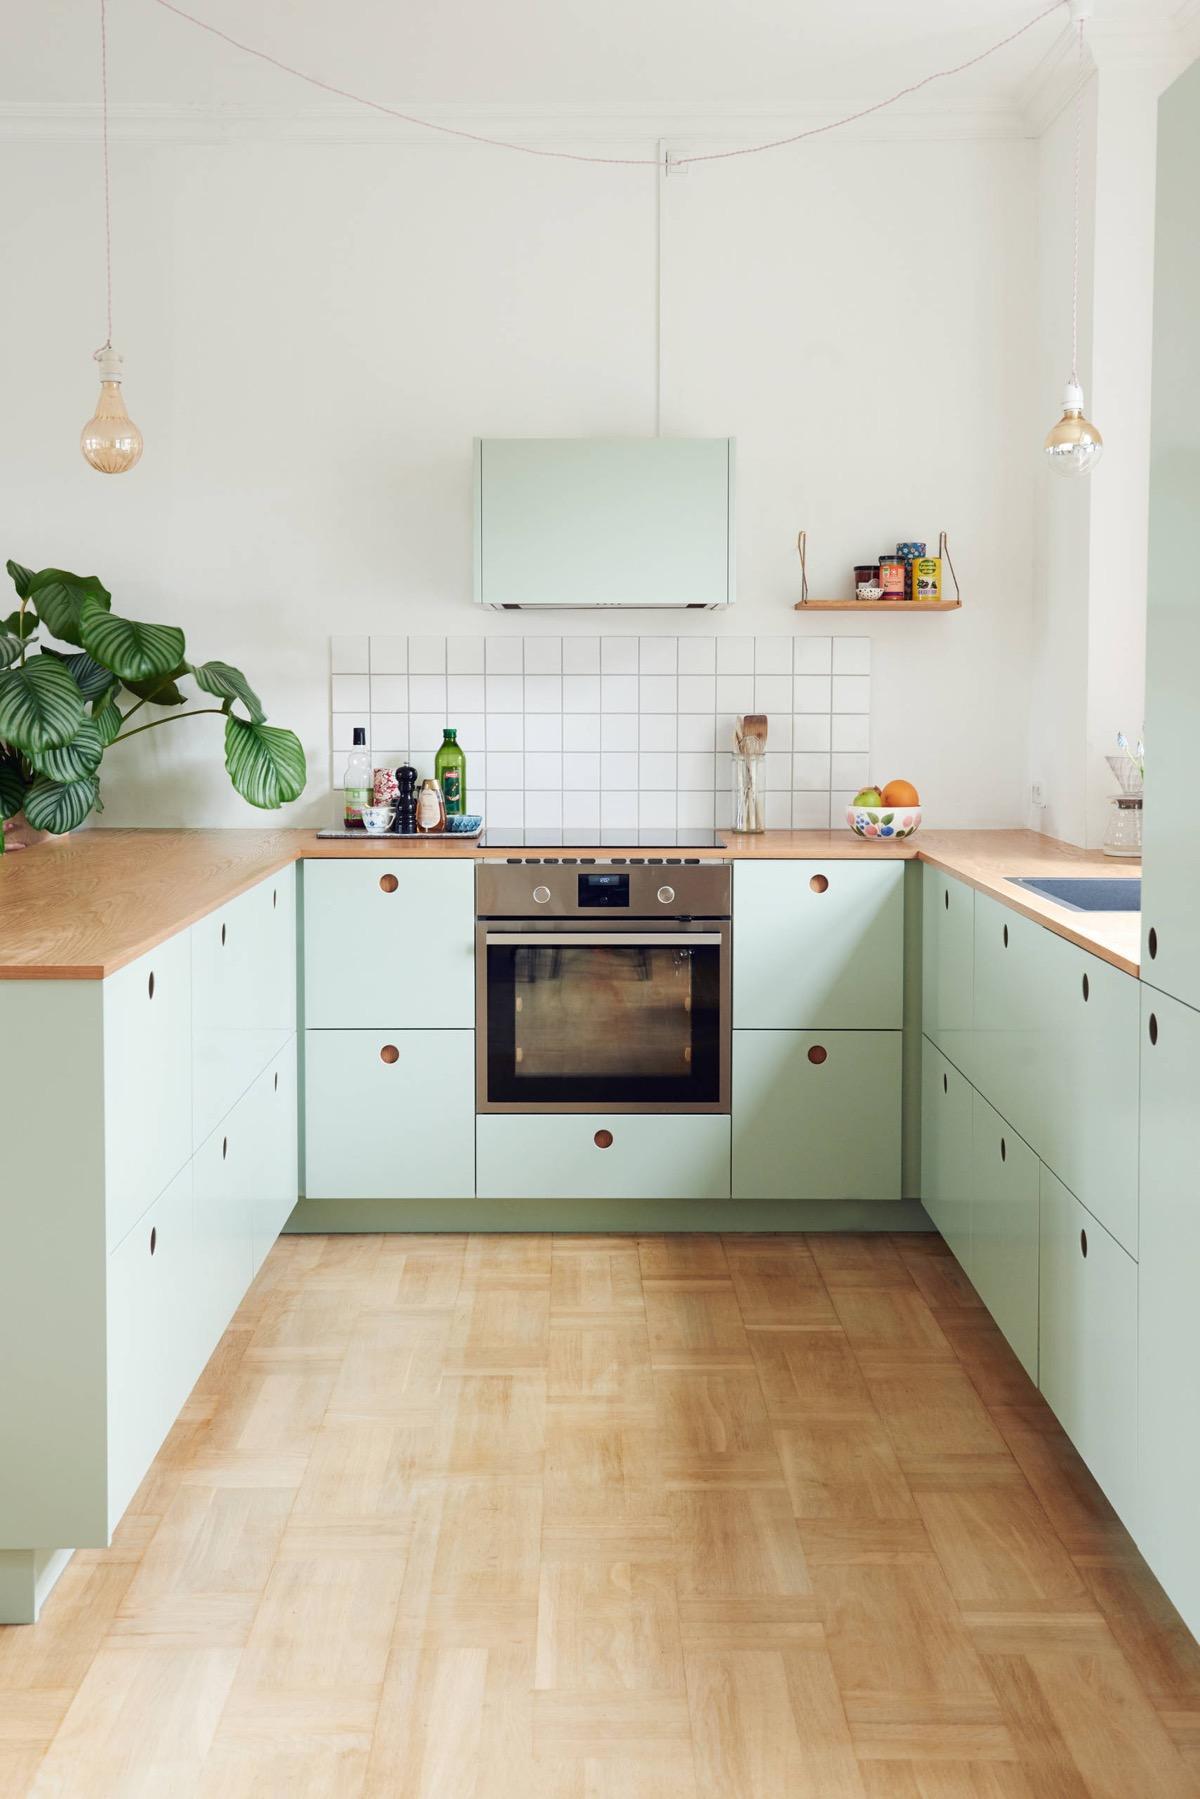 Thiết kế tủ bếp ấn tượng với phần tay nắm khác biệt